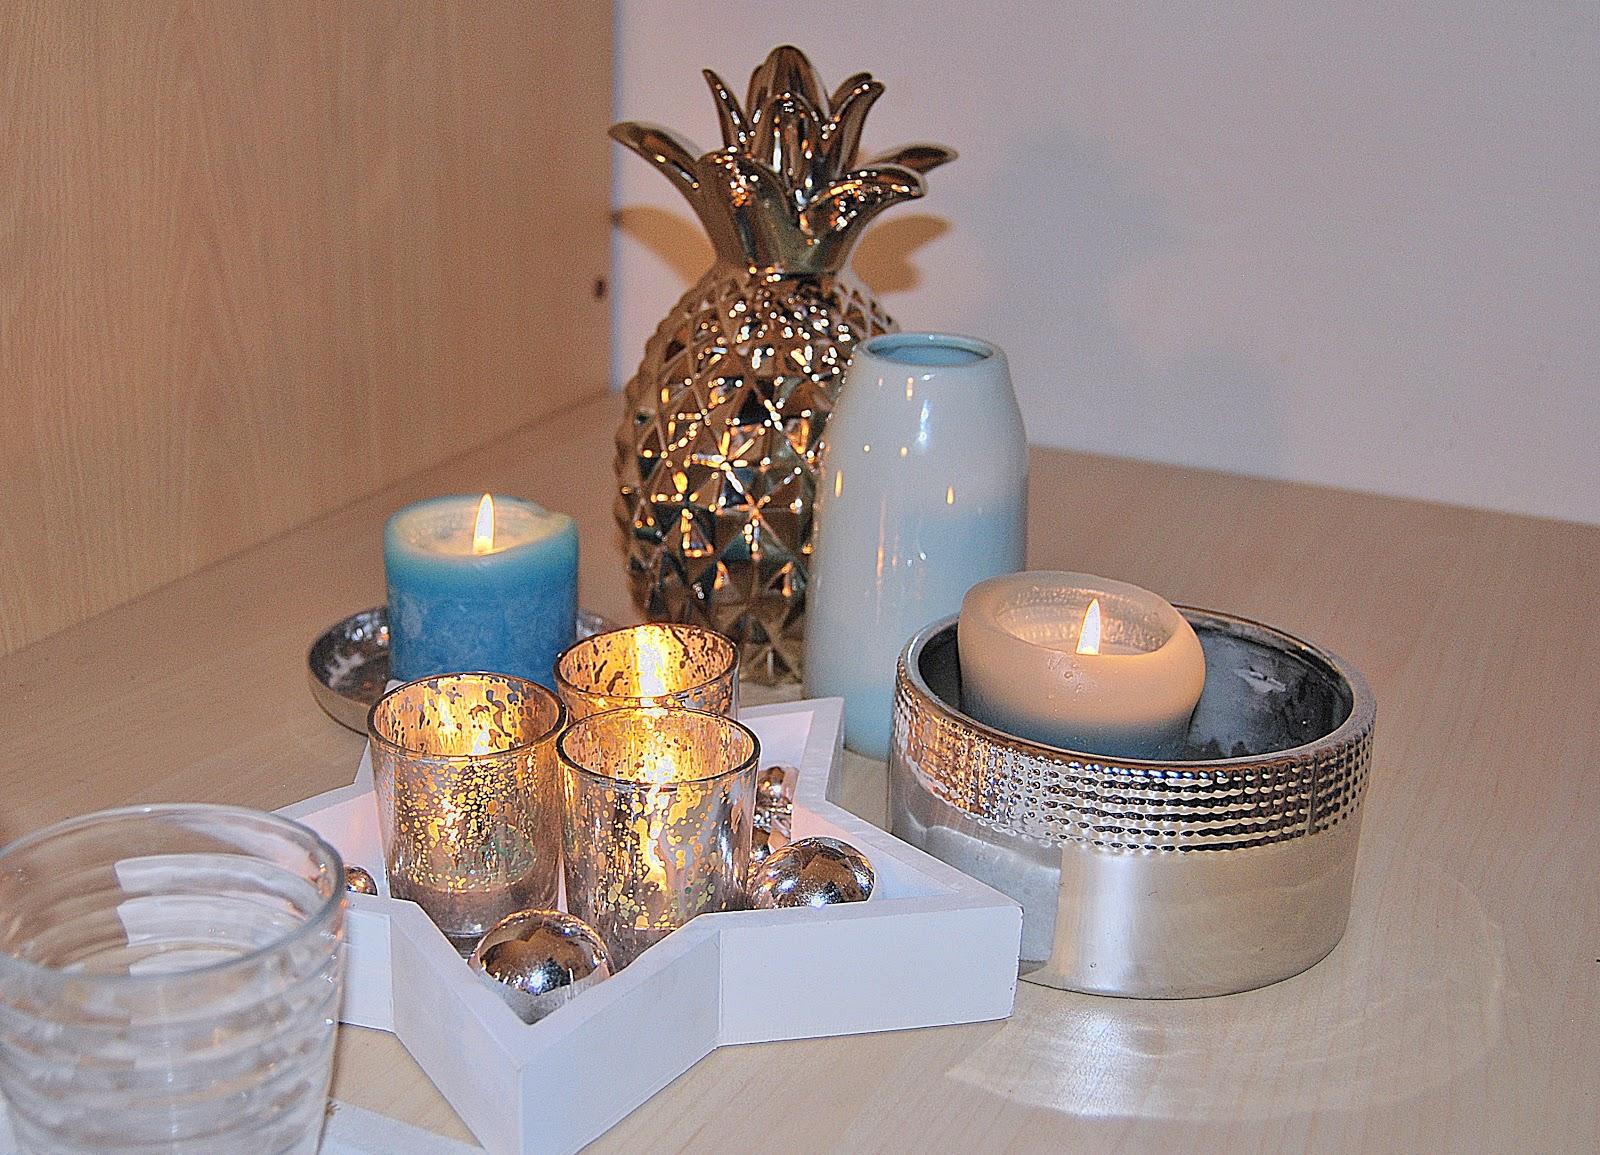 Top pour cette deuxime dcoration le thme est luananas juai - Chemin de table maison du monde ...